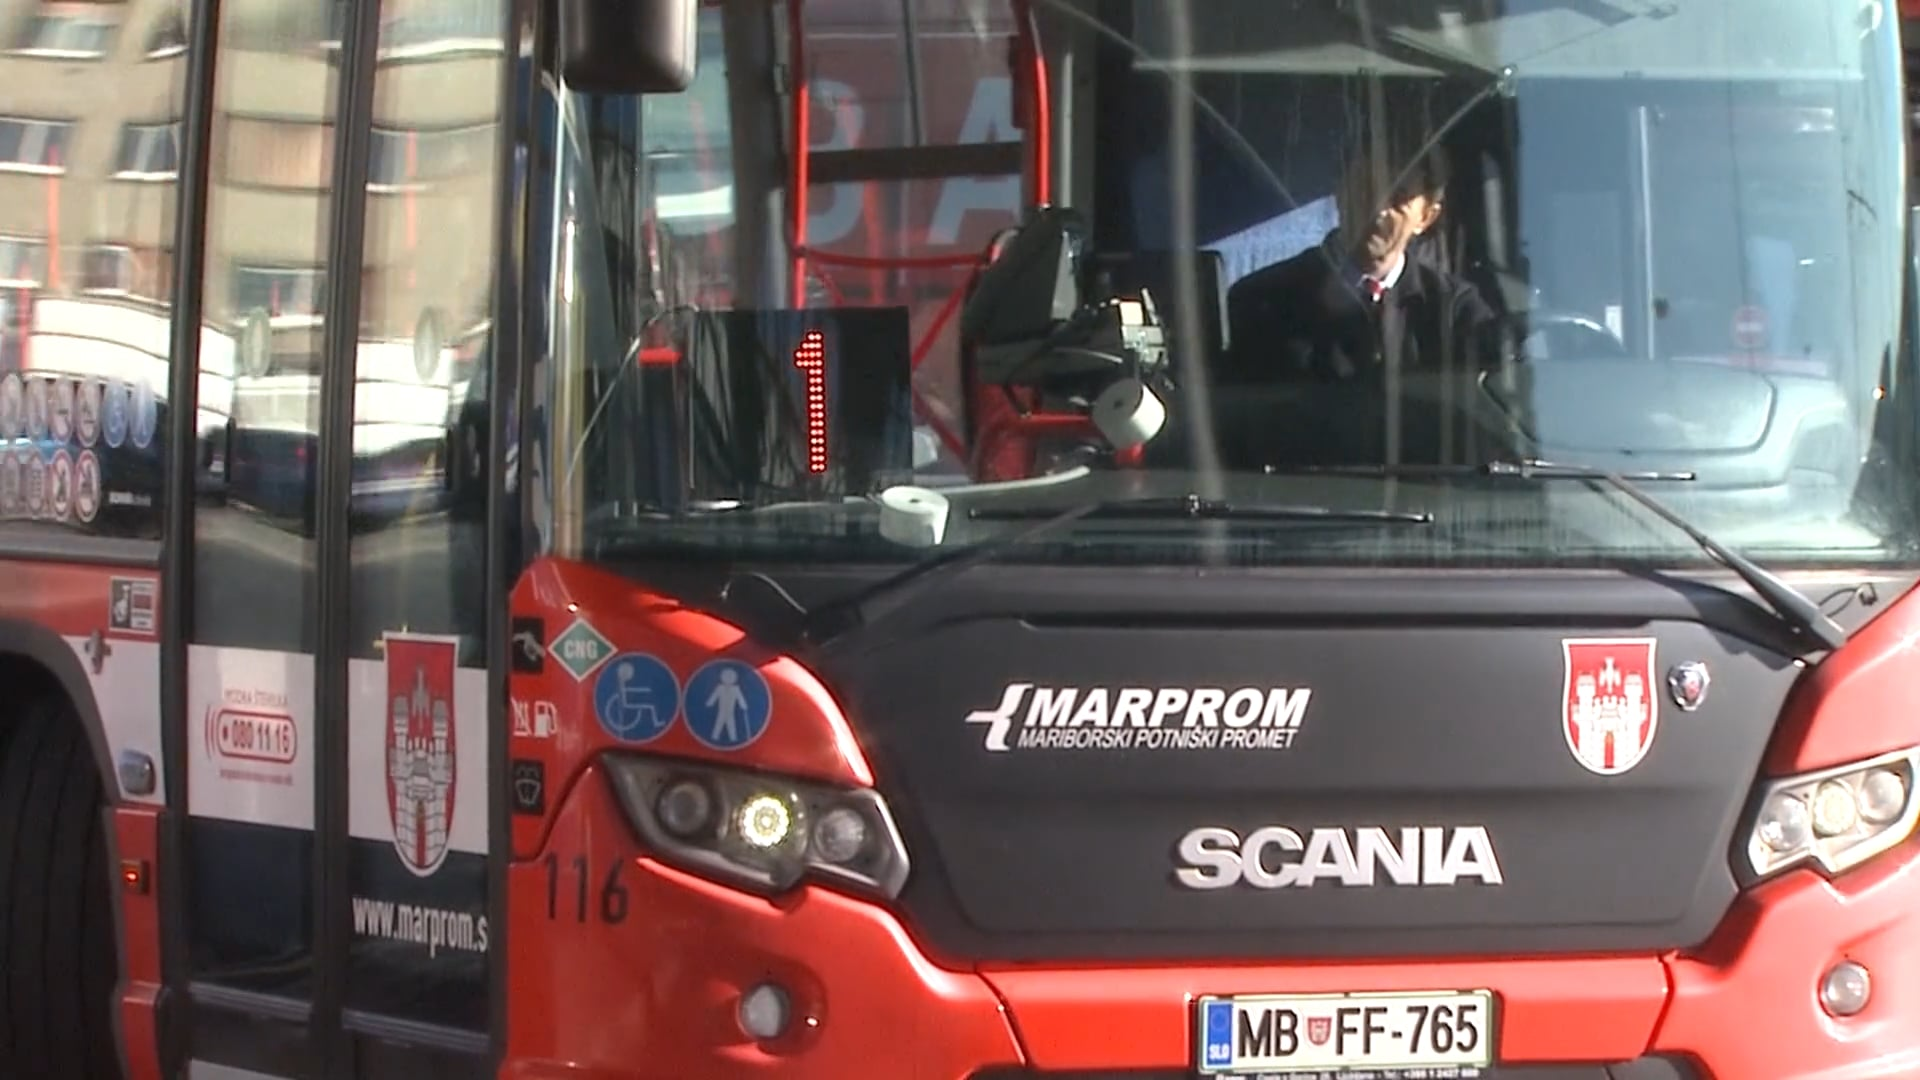 Od srede v Mariboru obvoz na avtobusnih linijah 4, 6 in 18